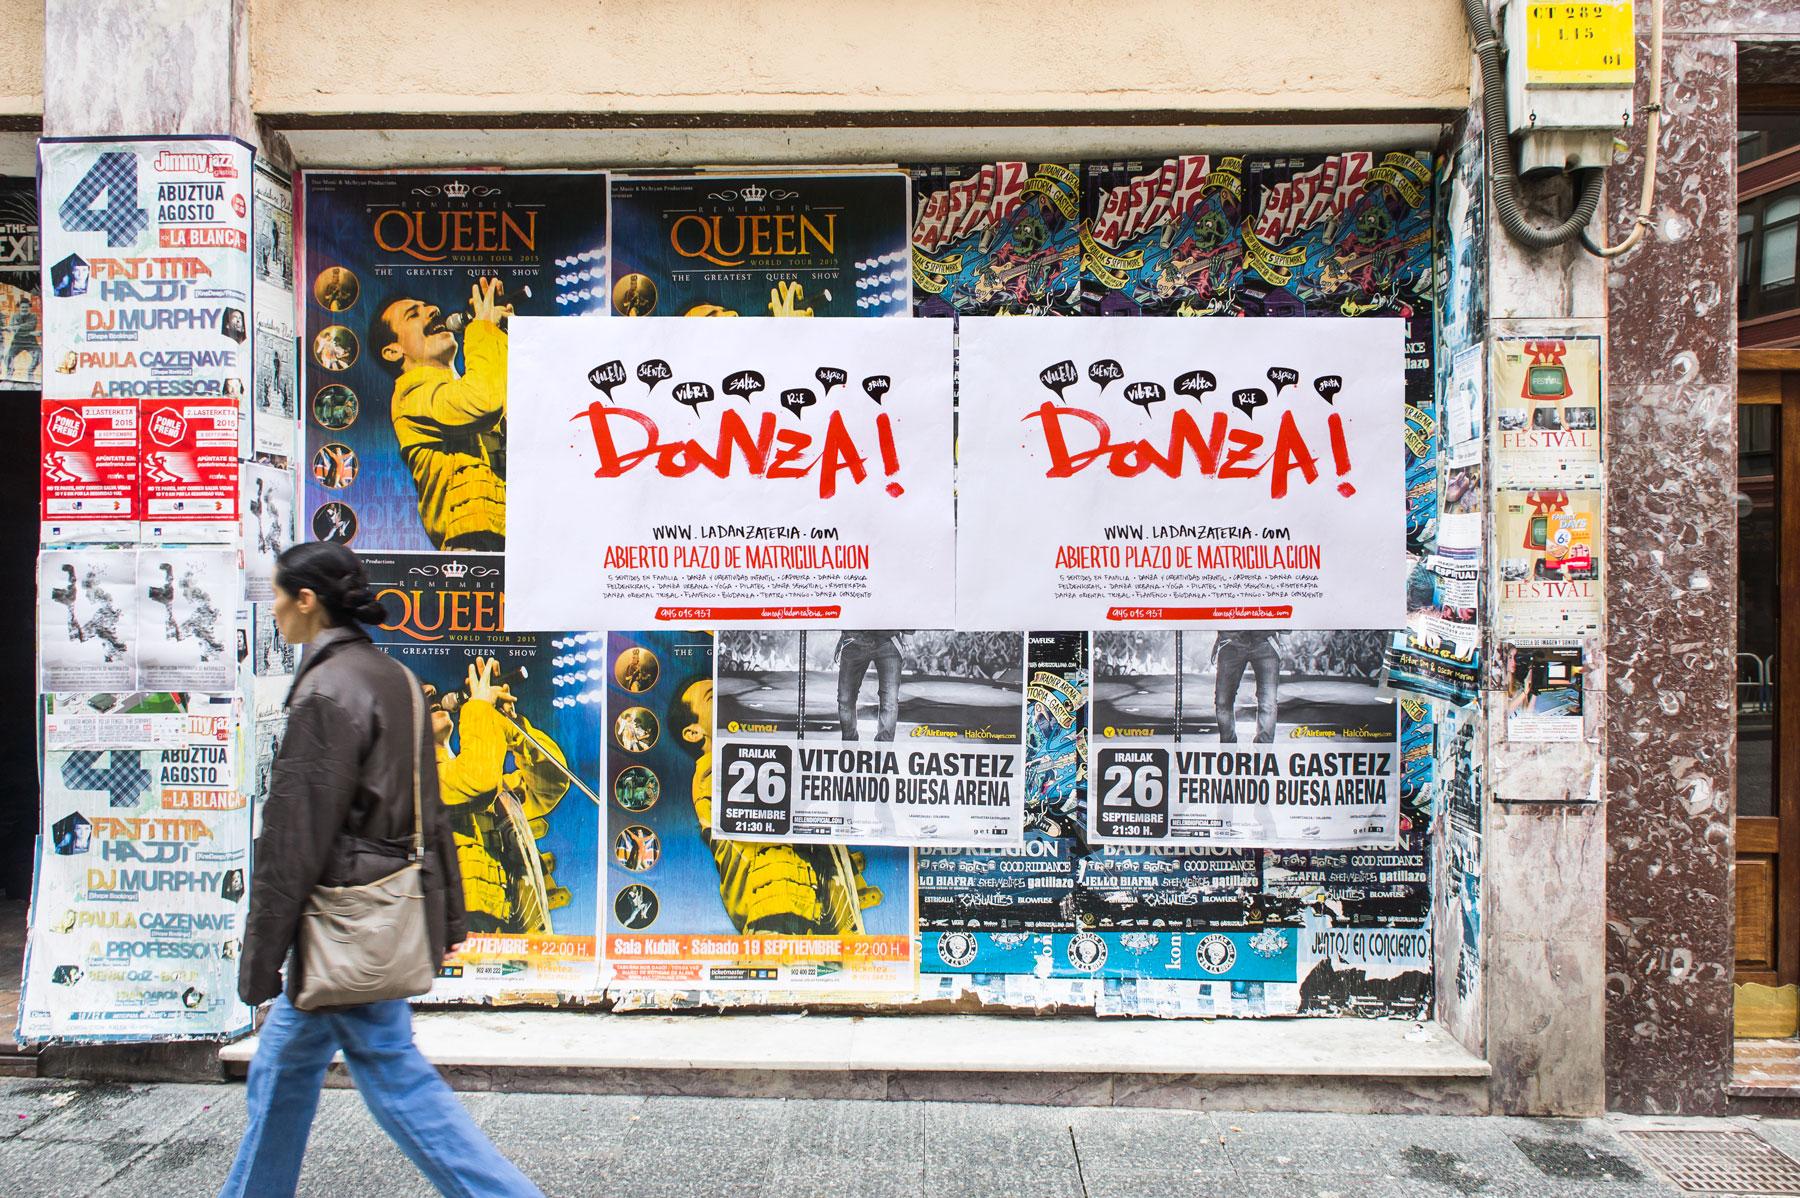 Campaña publicitaria La Danzateria. Humanos Unidos Comunicación. Vitoria-Gasteiz